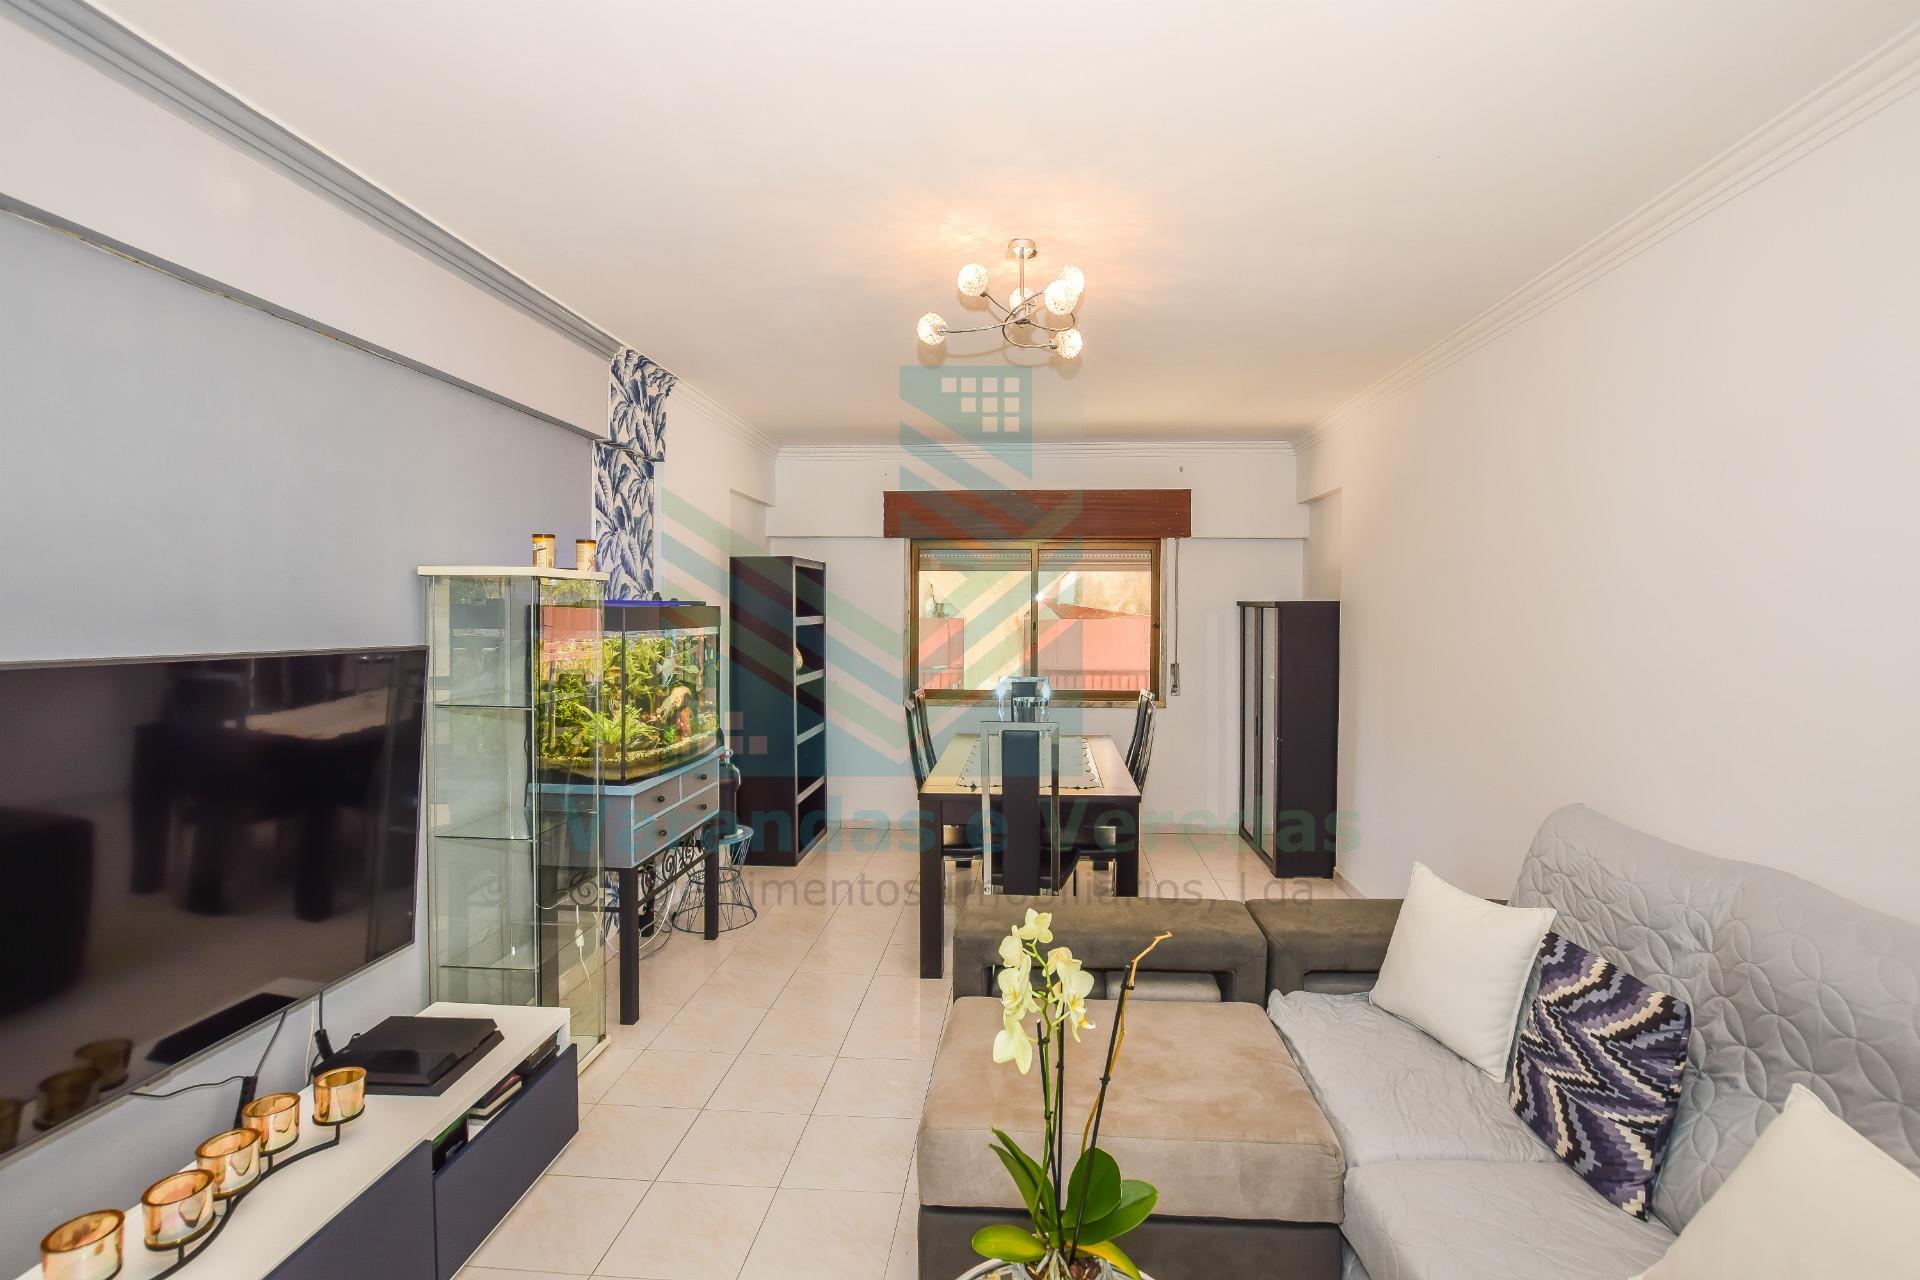 Apartamento 1+1 con terraza y trastero, en Idanha - Belas - Sintra